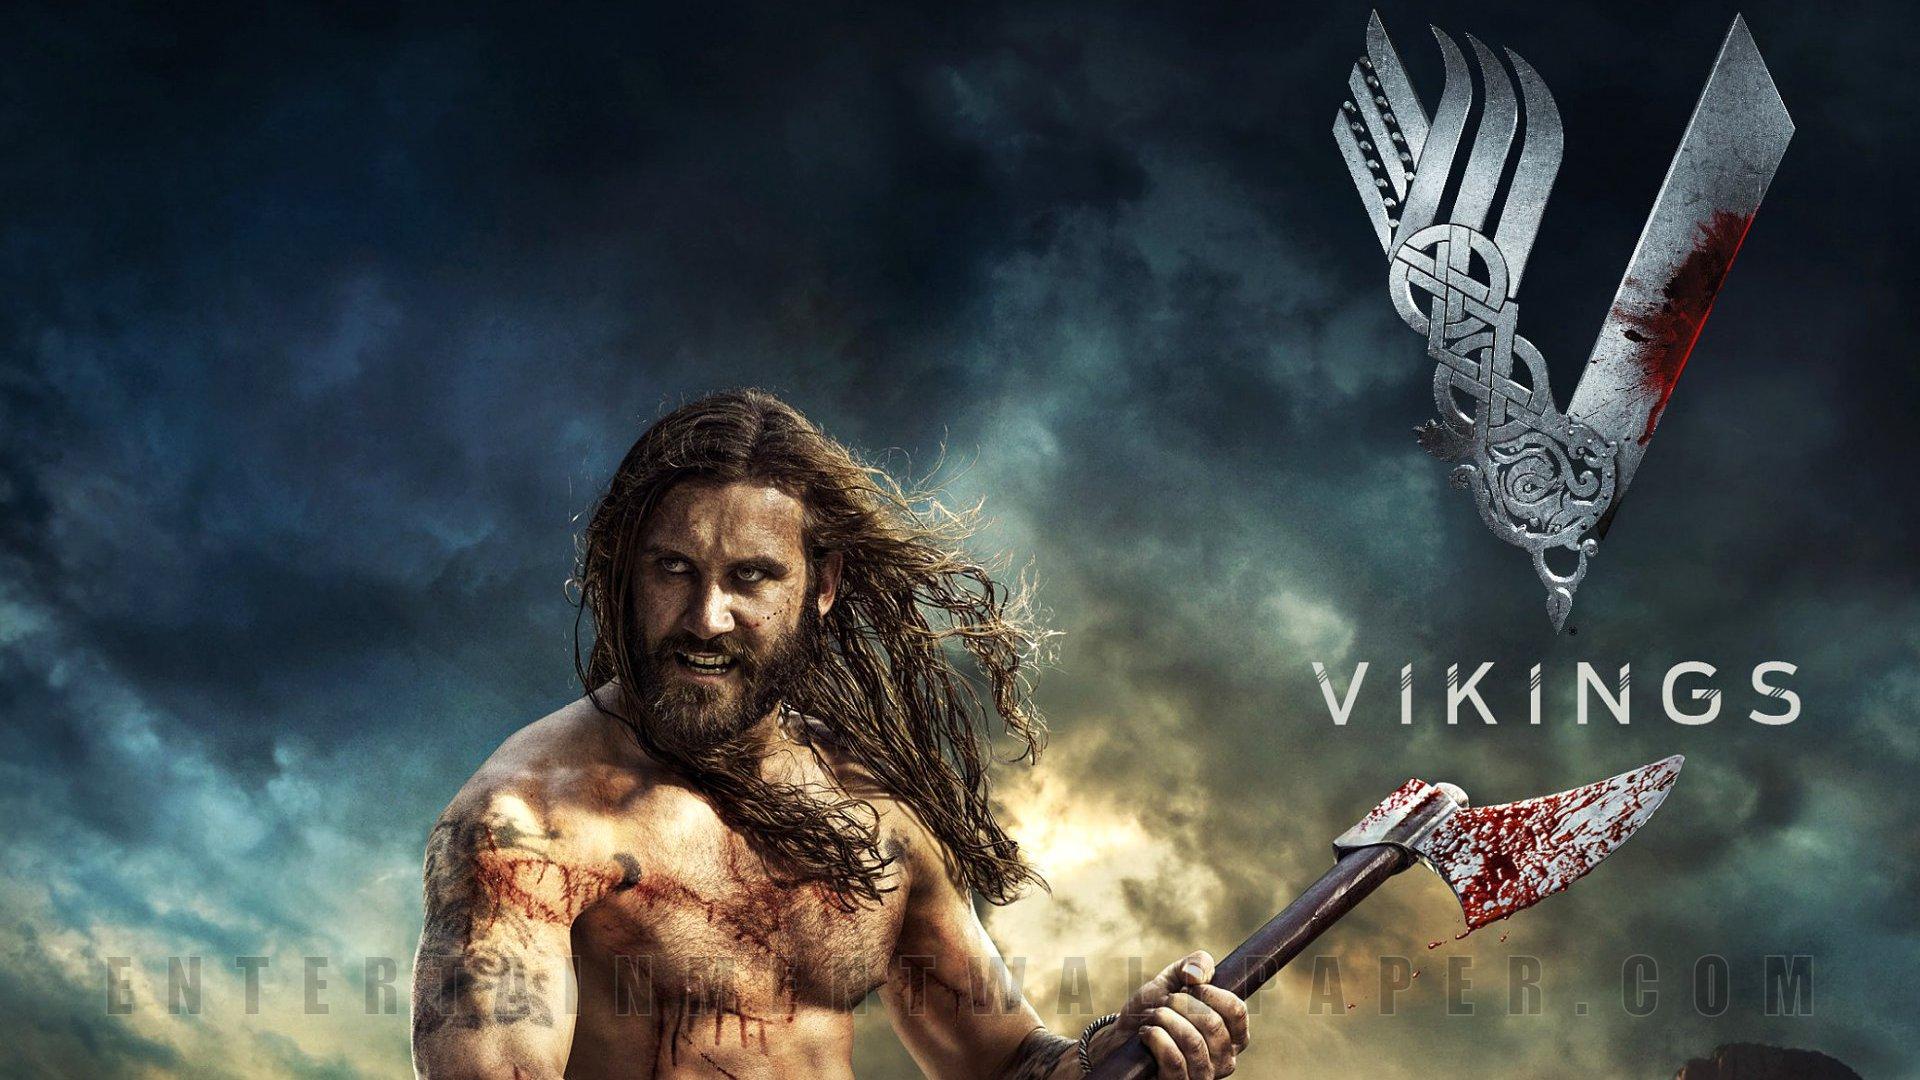 Vikings Tv Show Wallpaper Vikings wallpaper   original 1920x1080